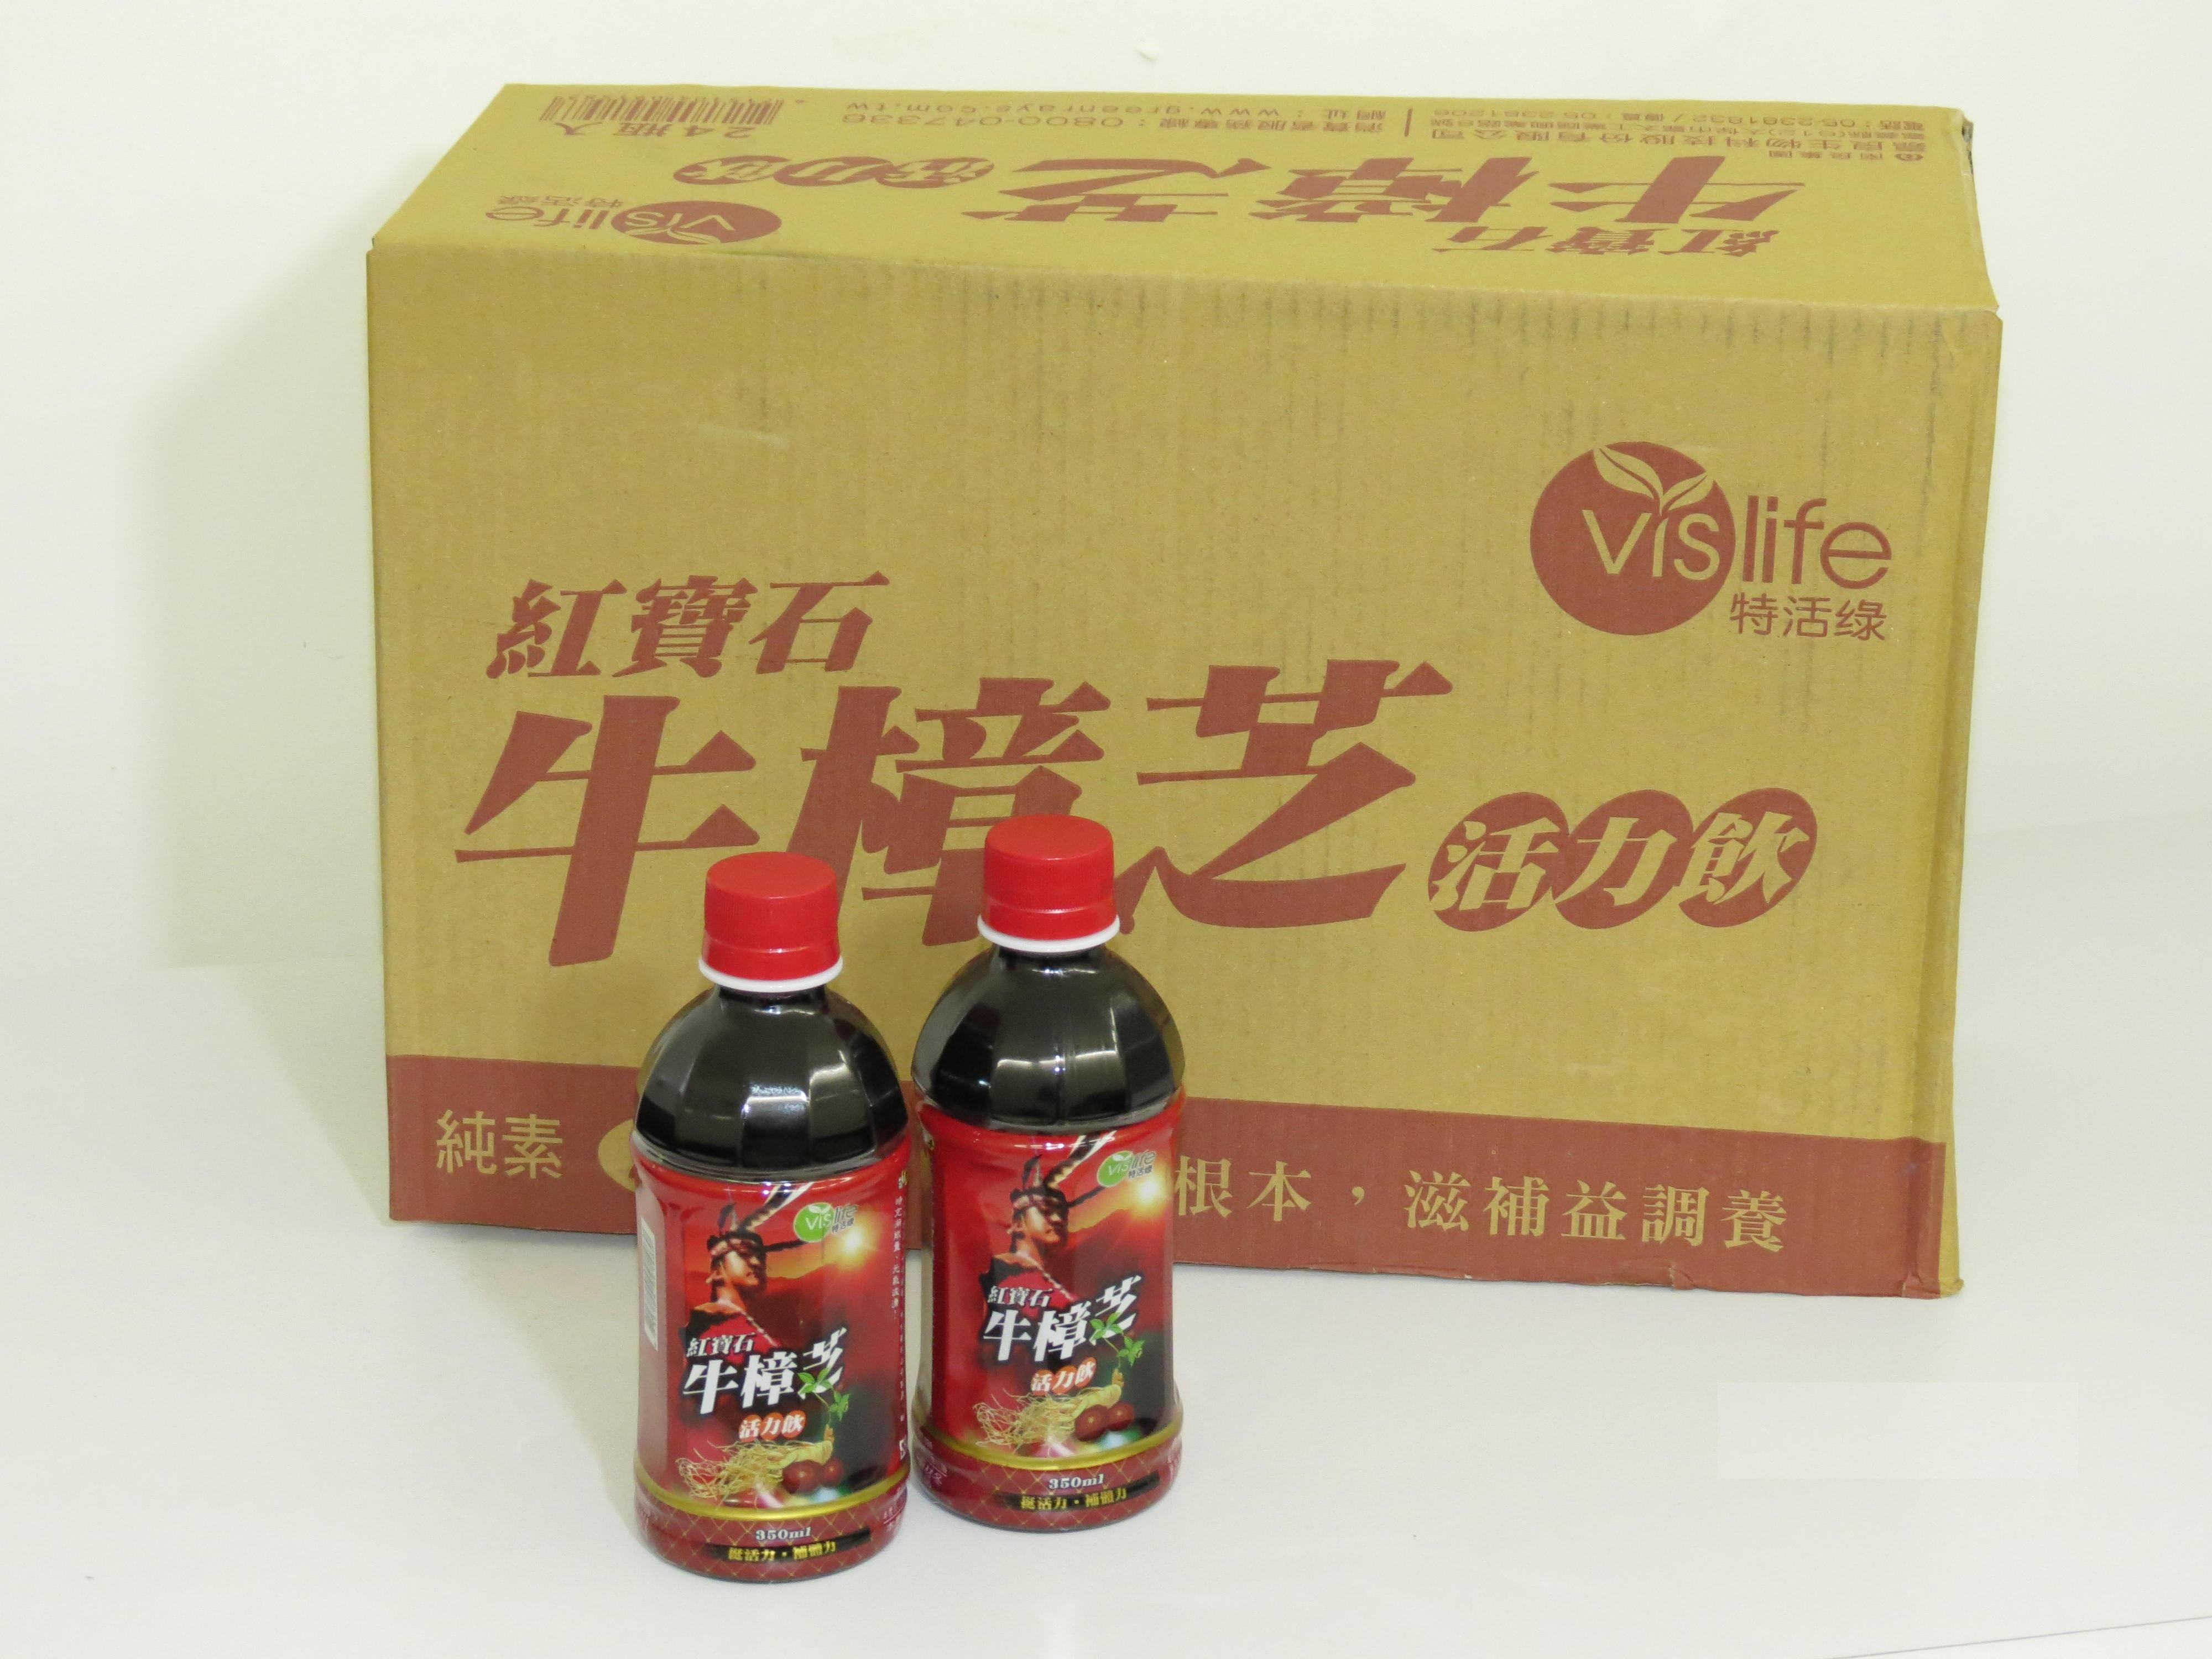 【康健天地】特活綠。牛樟芝活力飲(24瓶/箱)